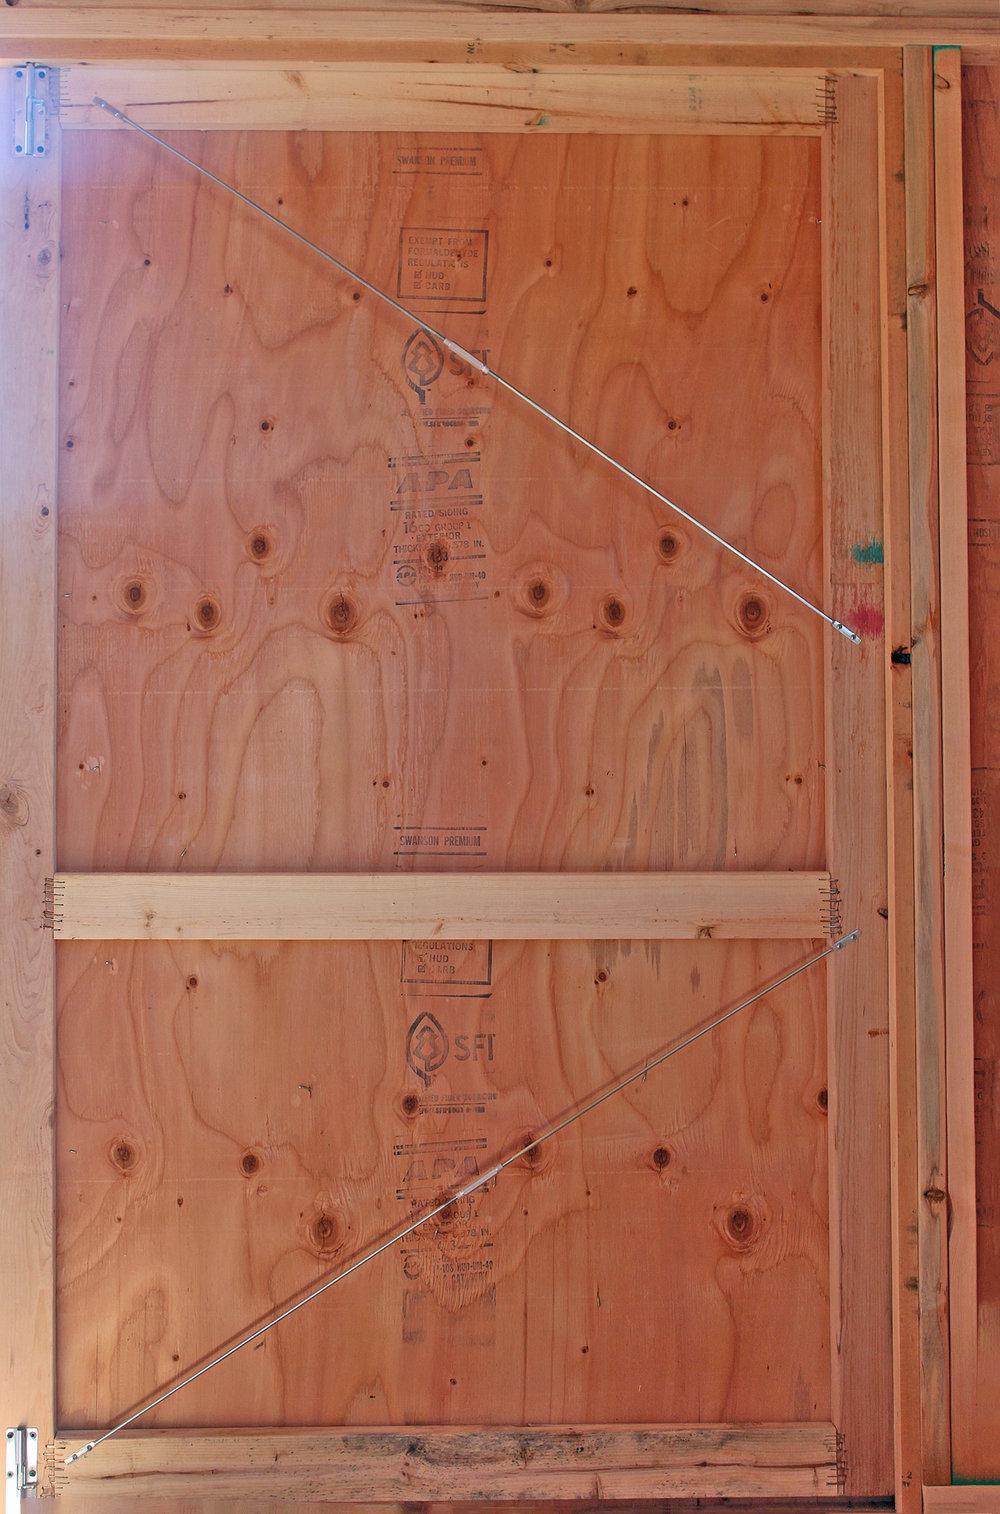 Adjustable wood door brace